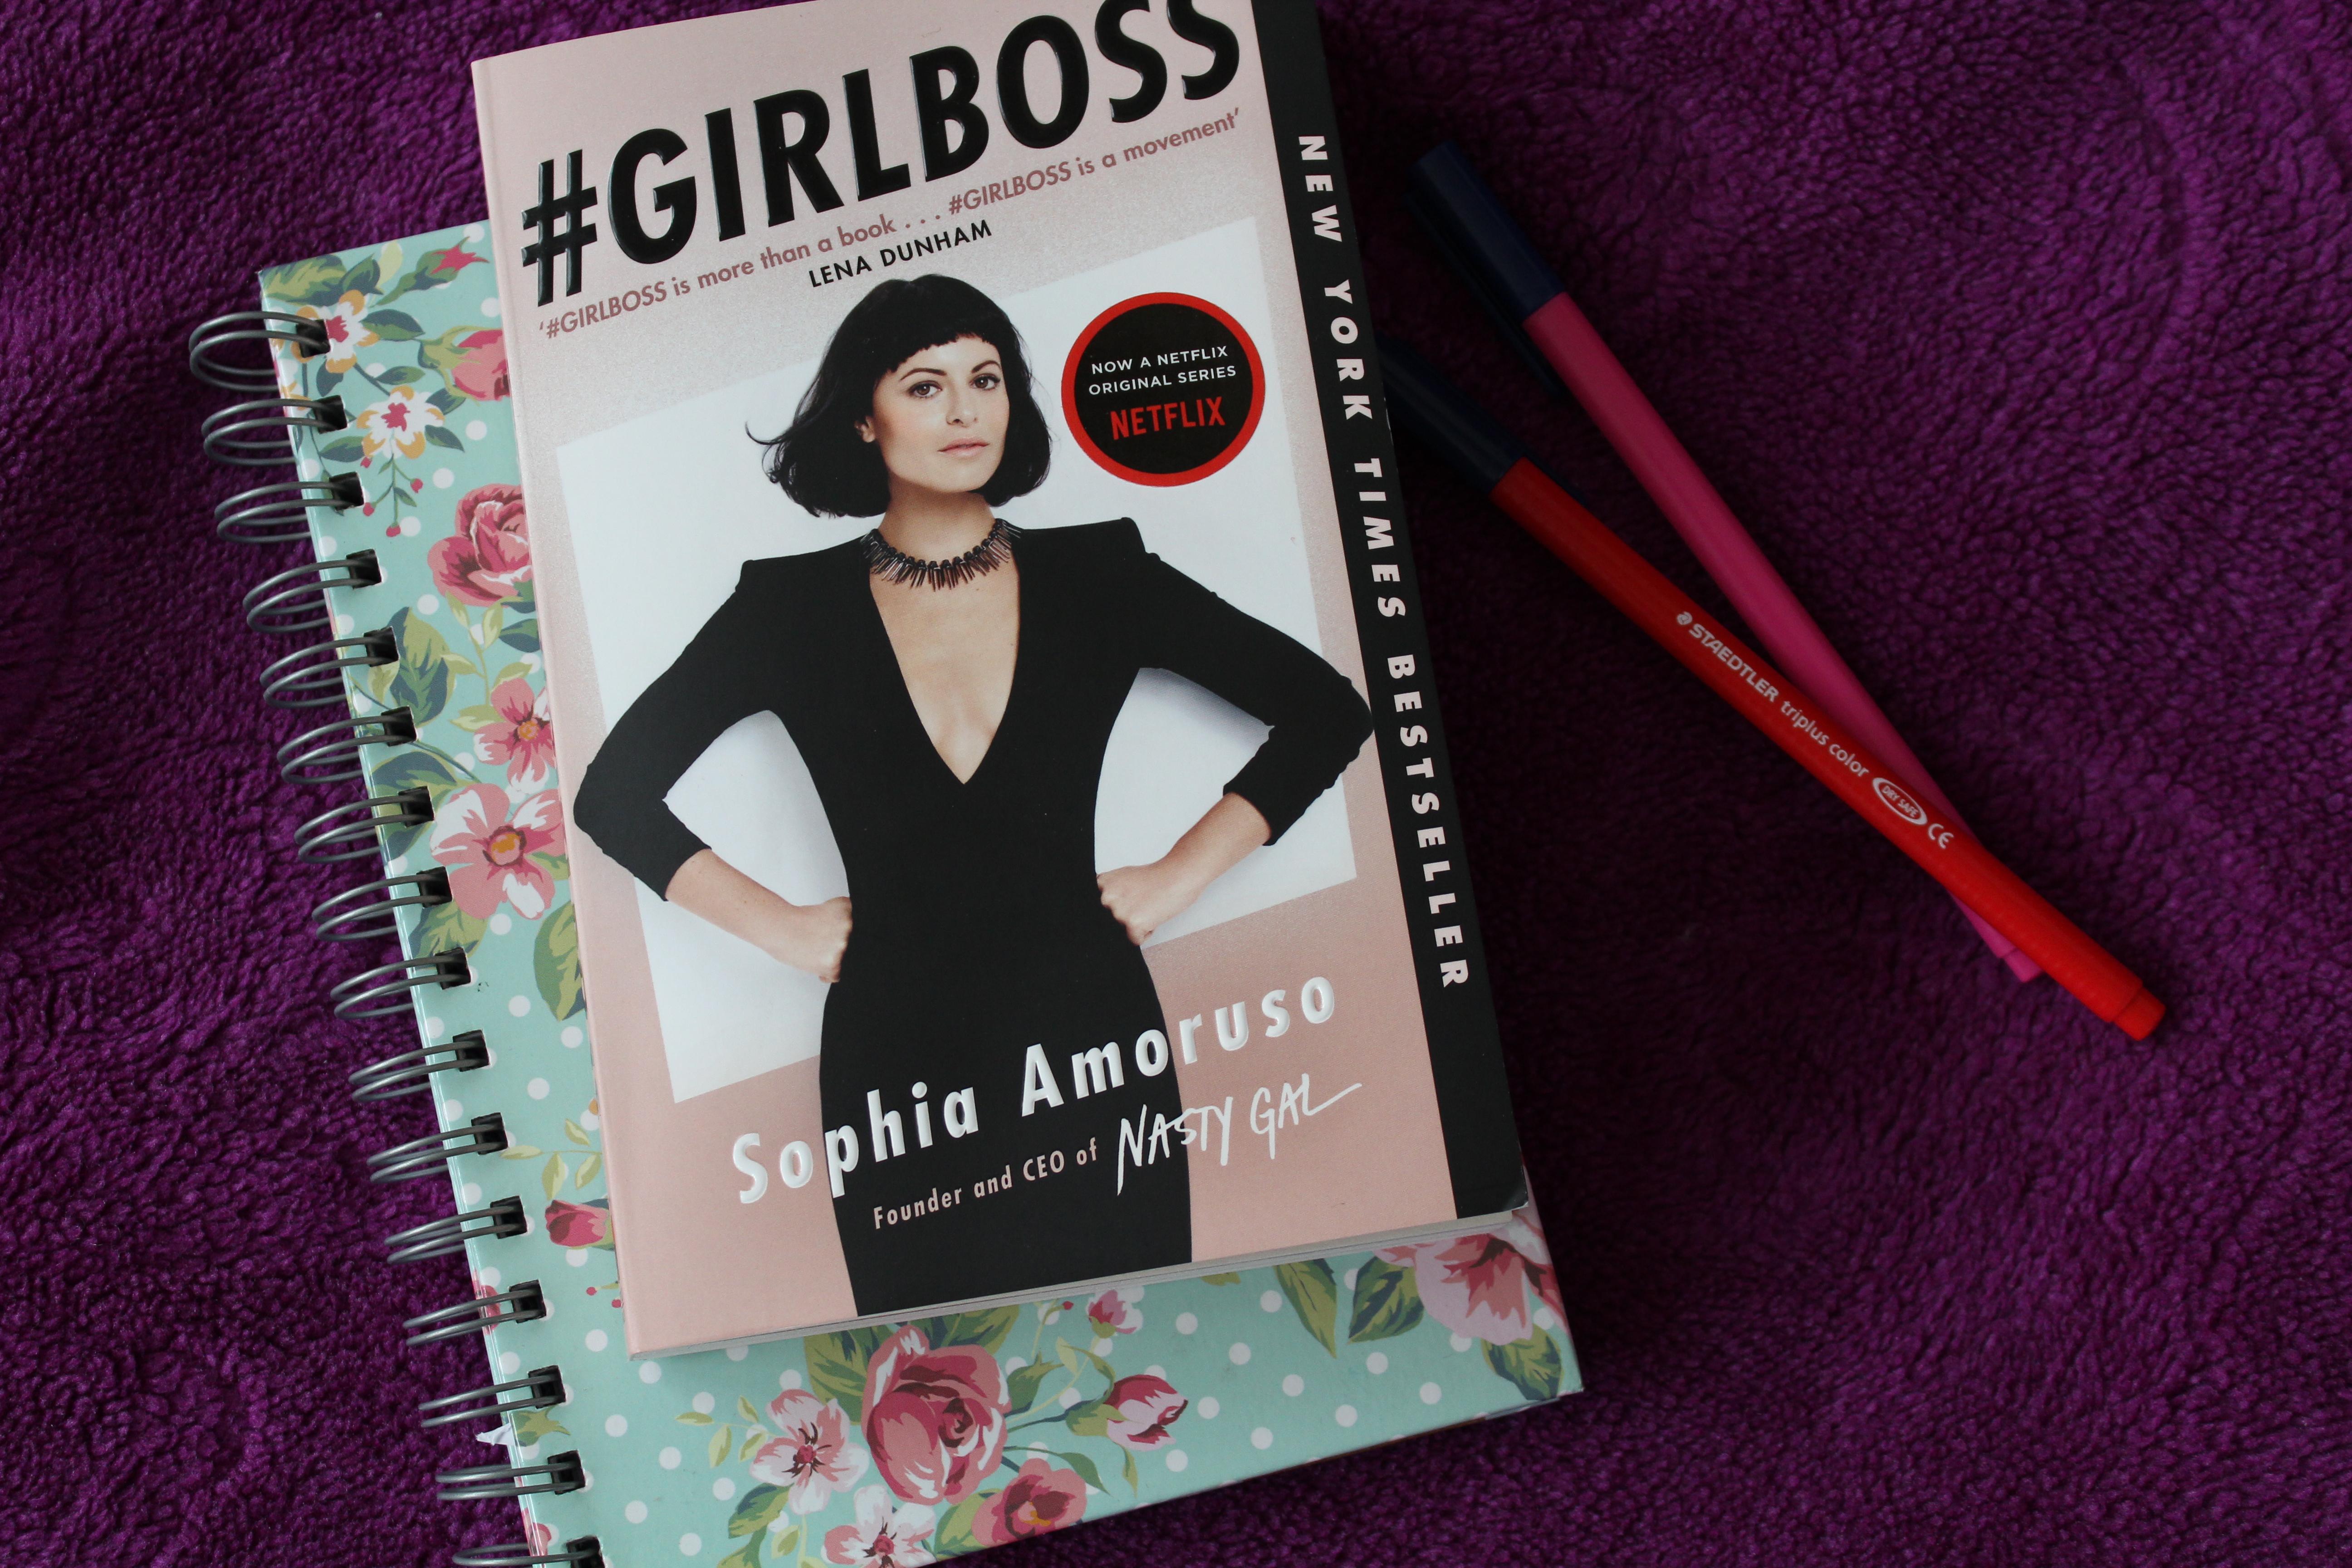 #GIRLBOSS book